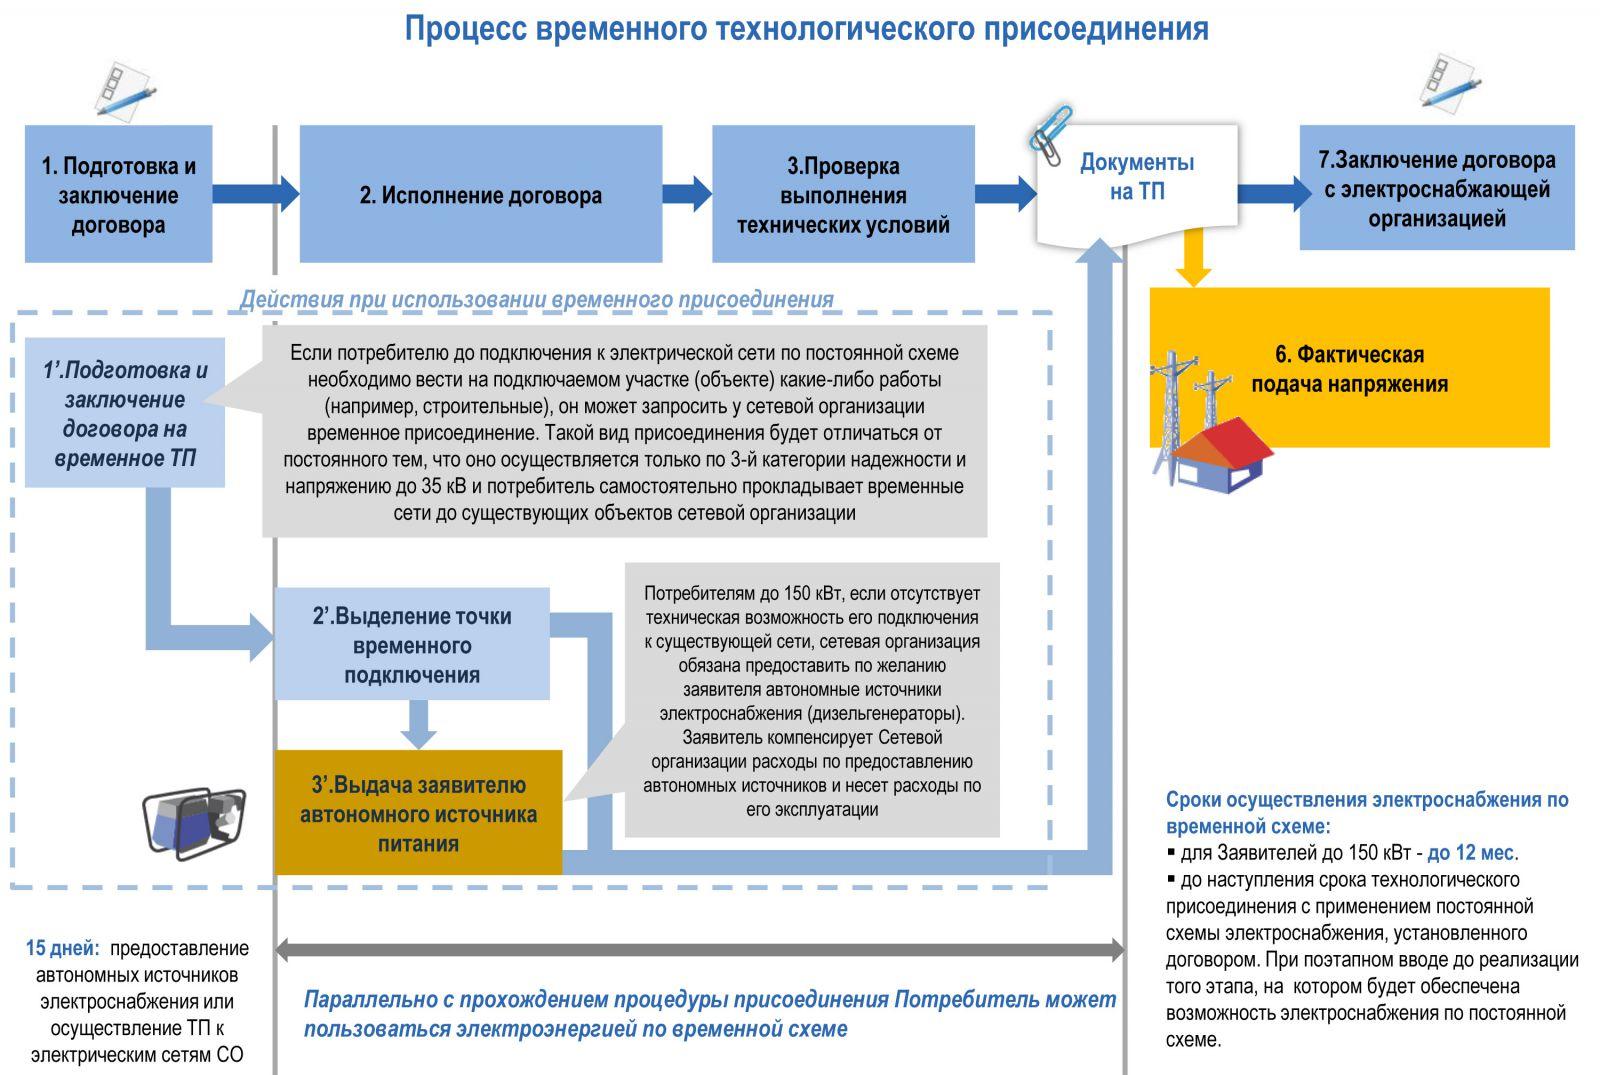 Процесс заключения договора энергоснабжения